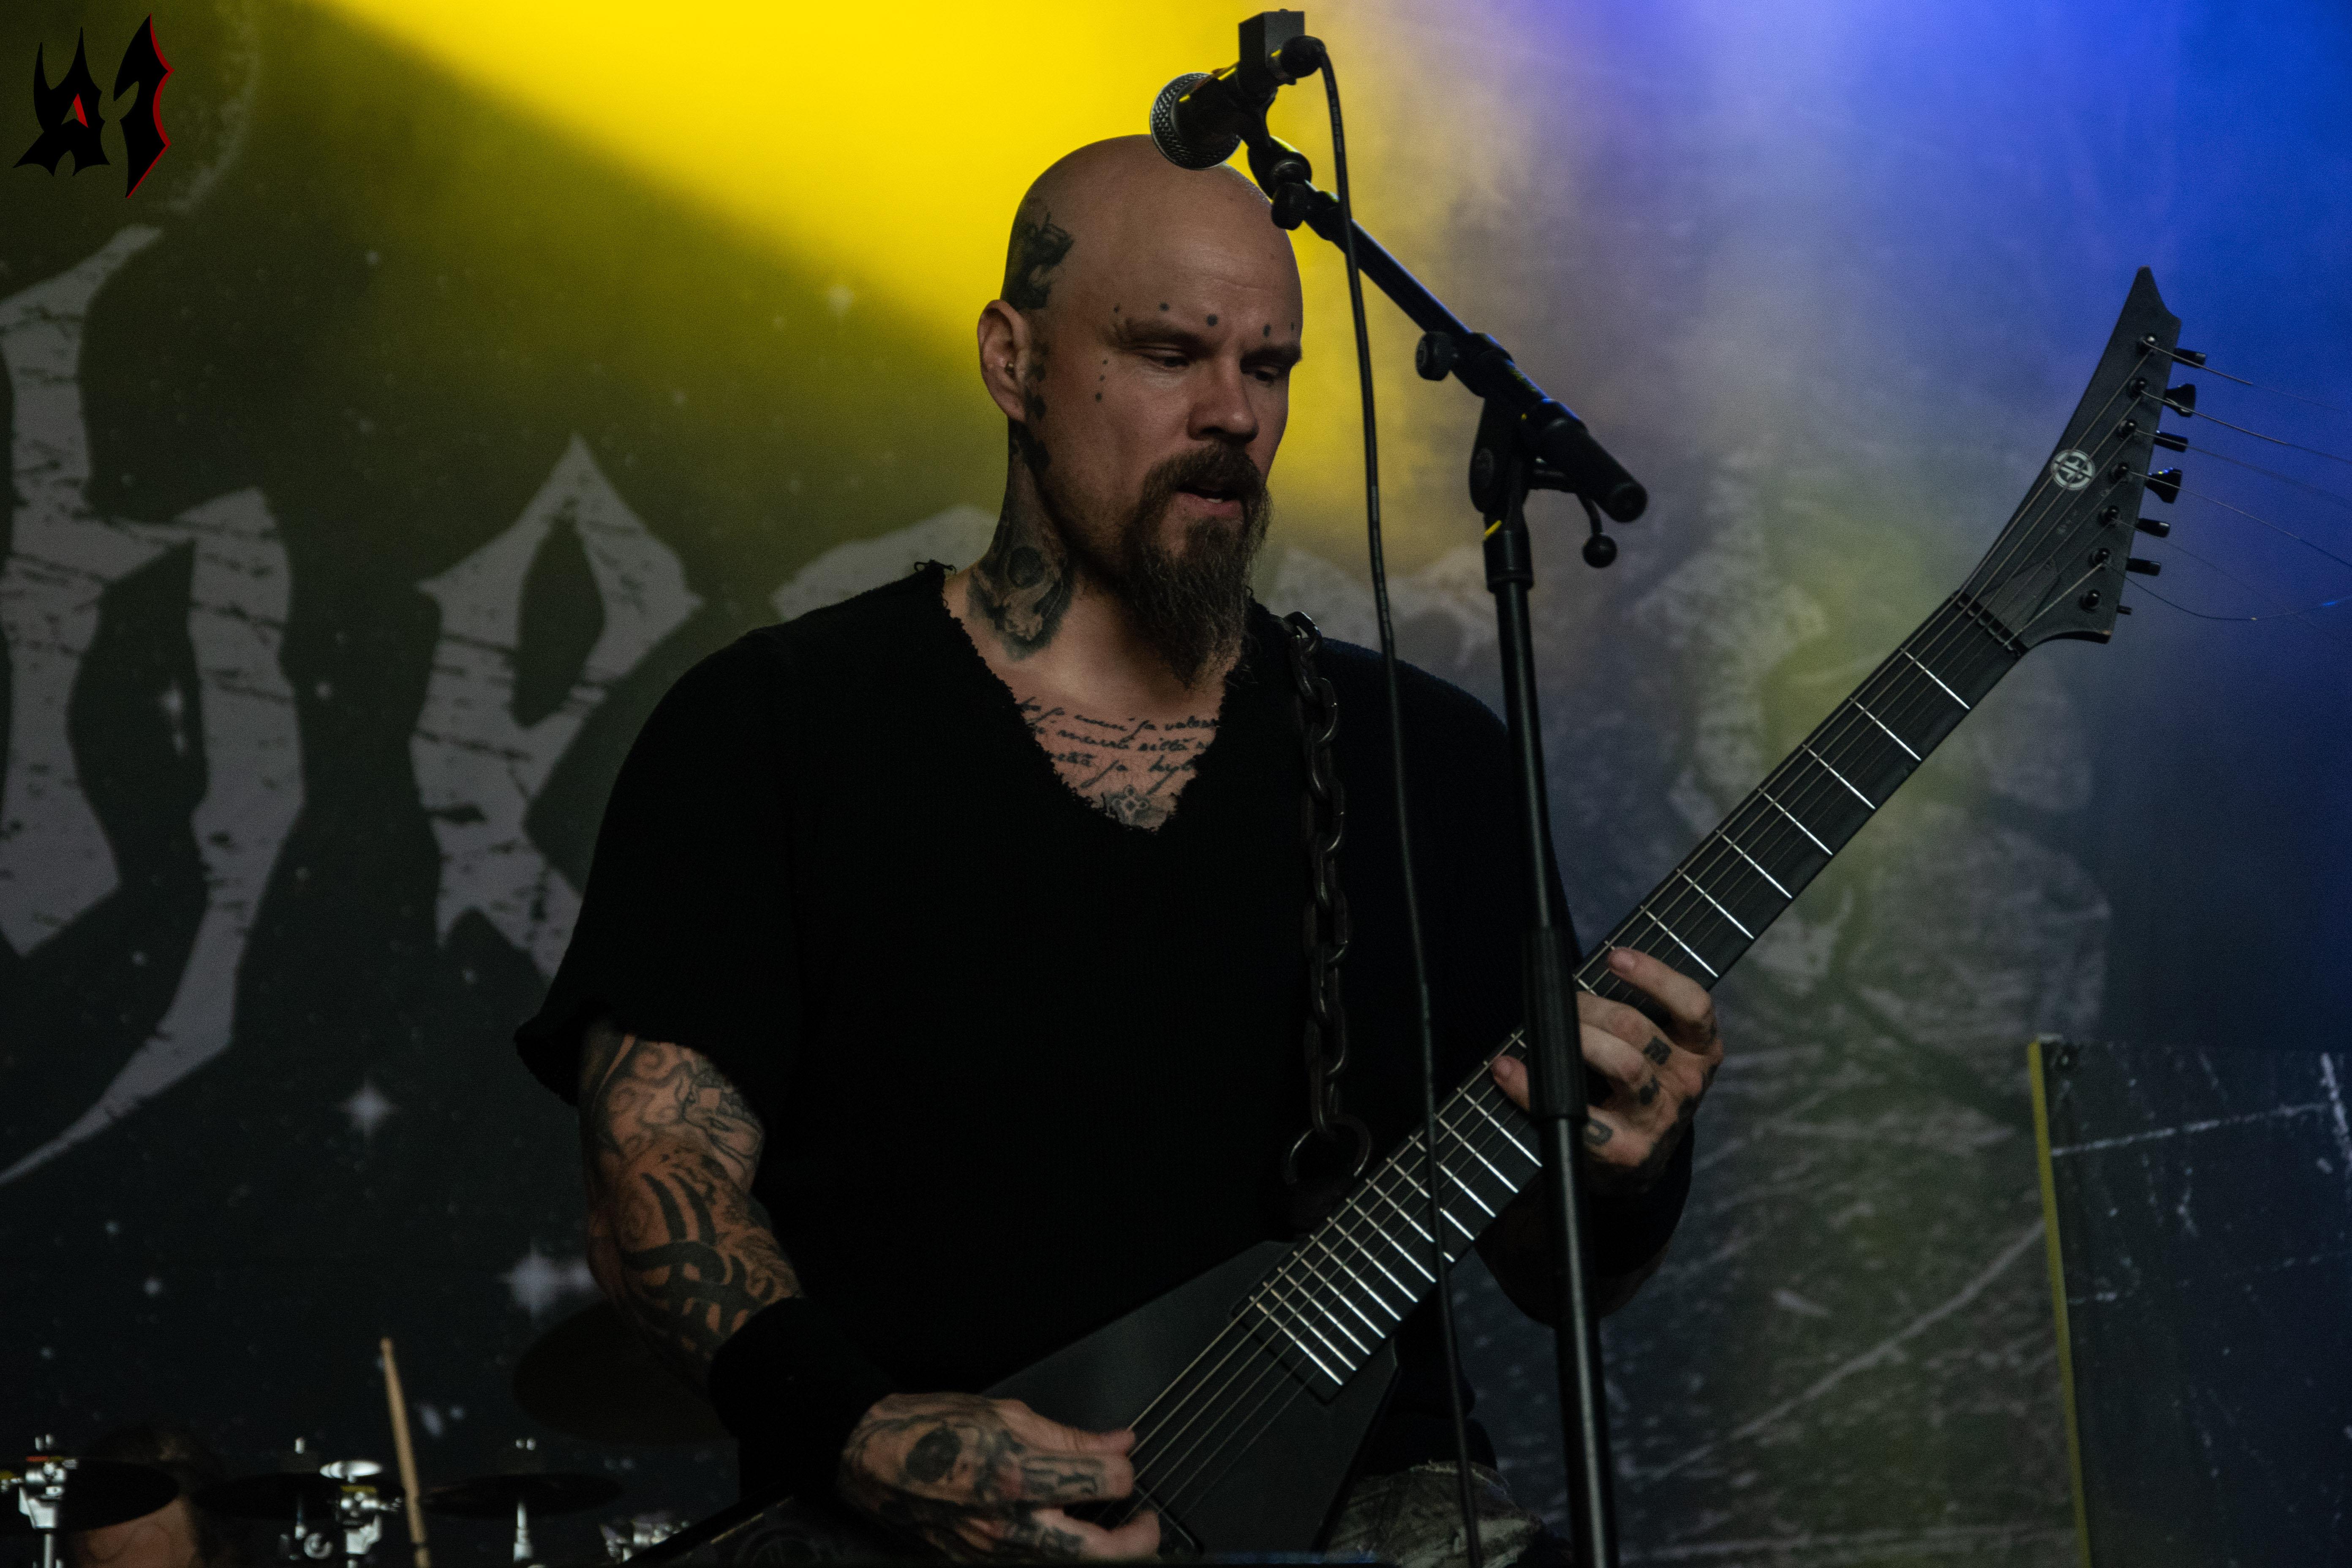 Hellfest - Wolfheart - 15